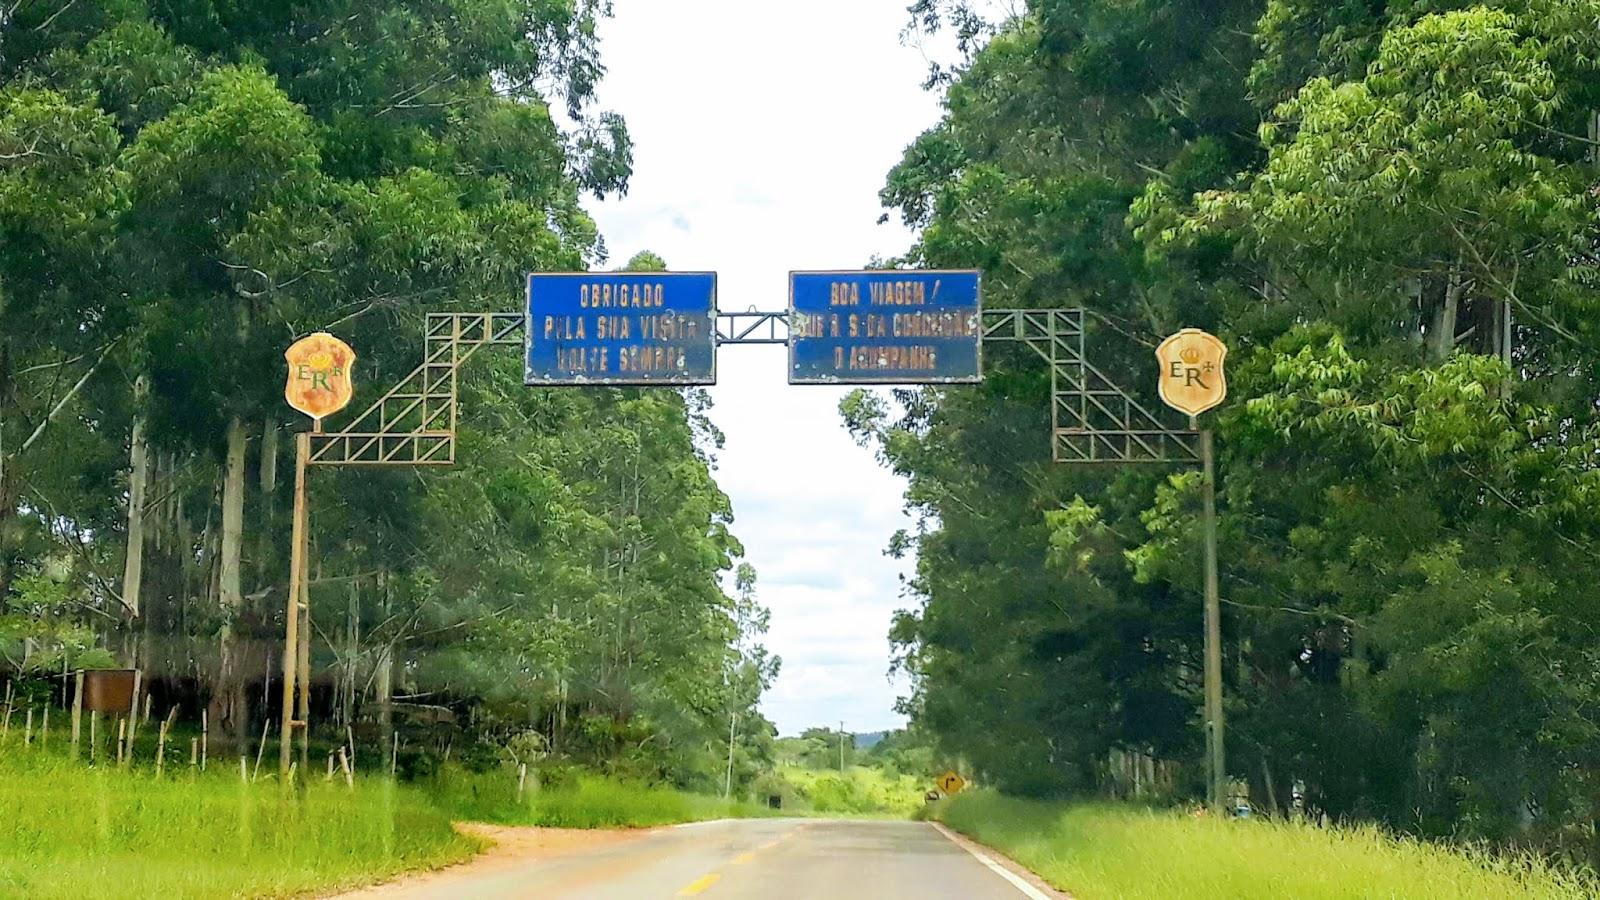 Portal de boas vindas e boa viagem da cidade de Prados